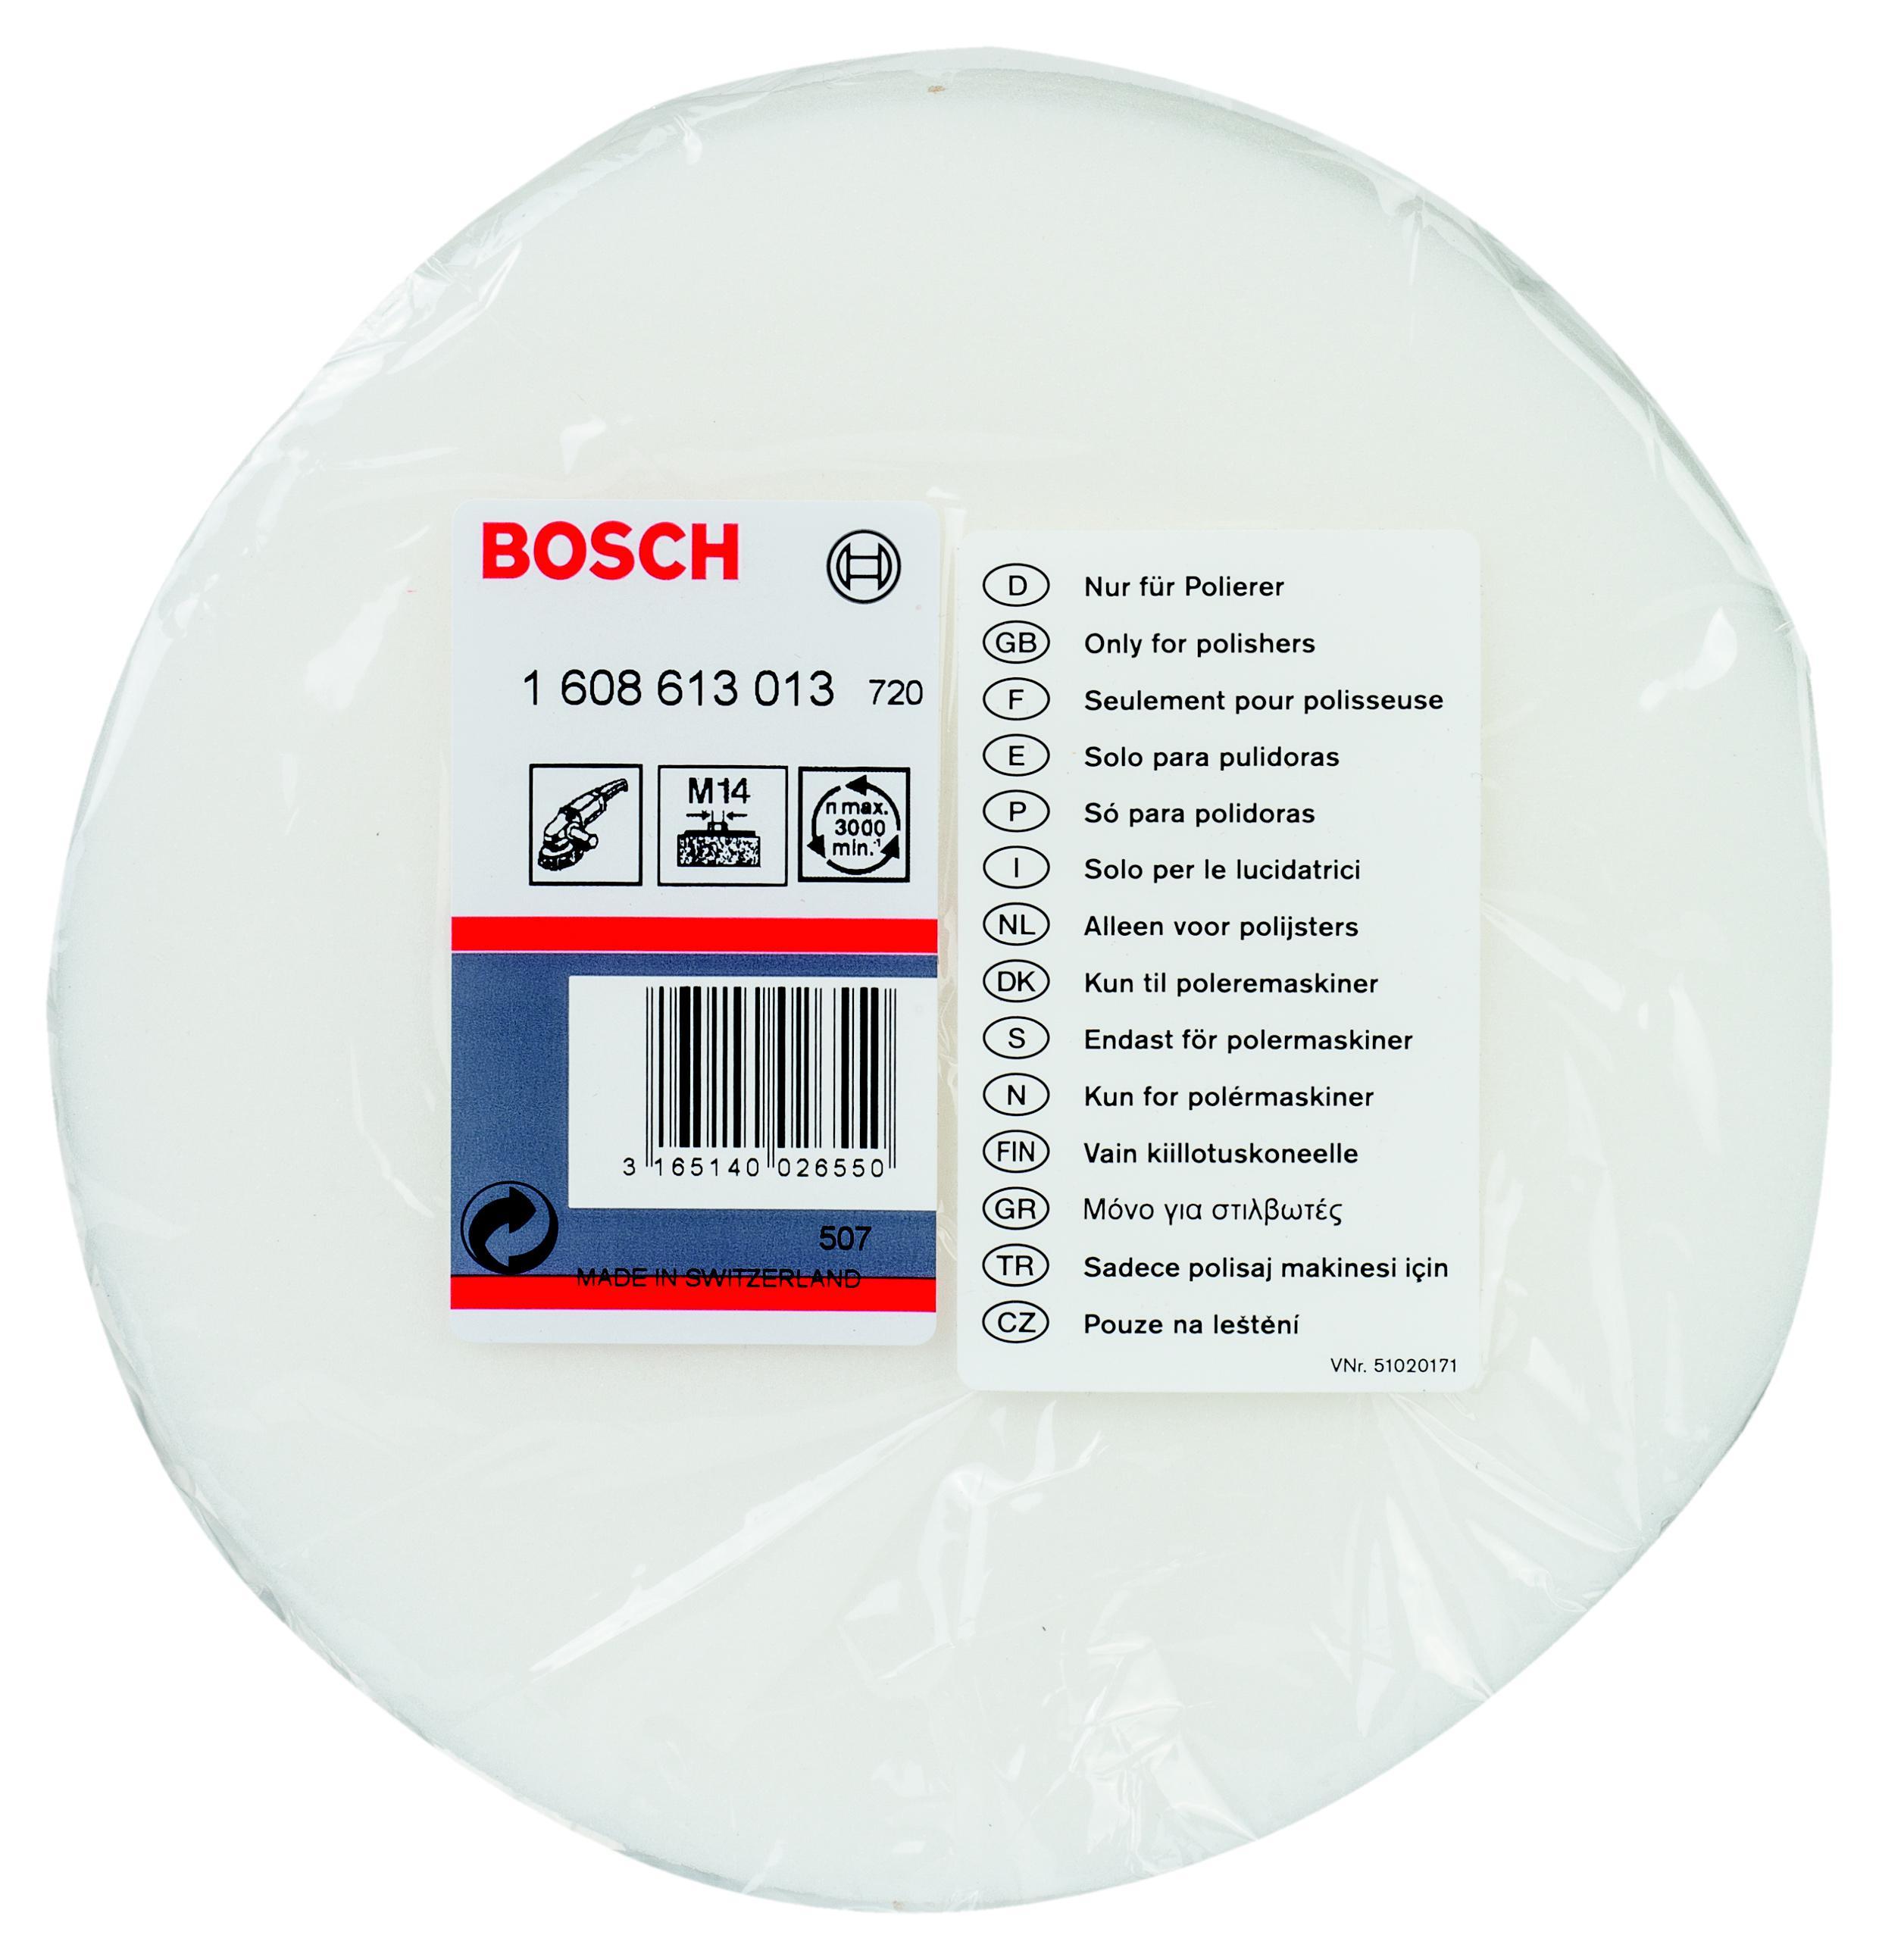 Губка Bosch 1608613013 сумка для такелажной оснастки tplus сompact t009371